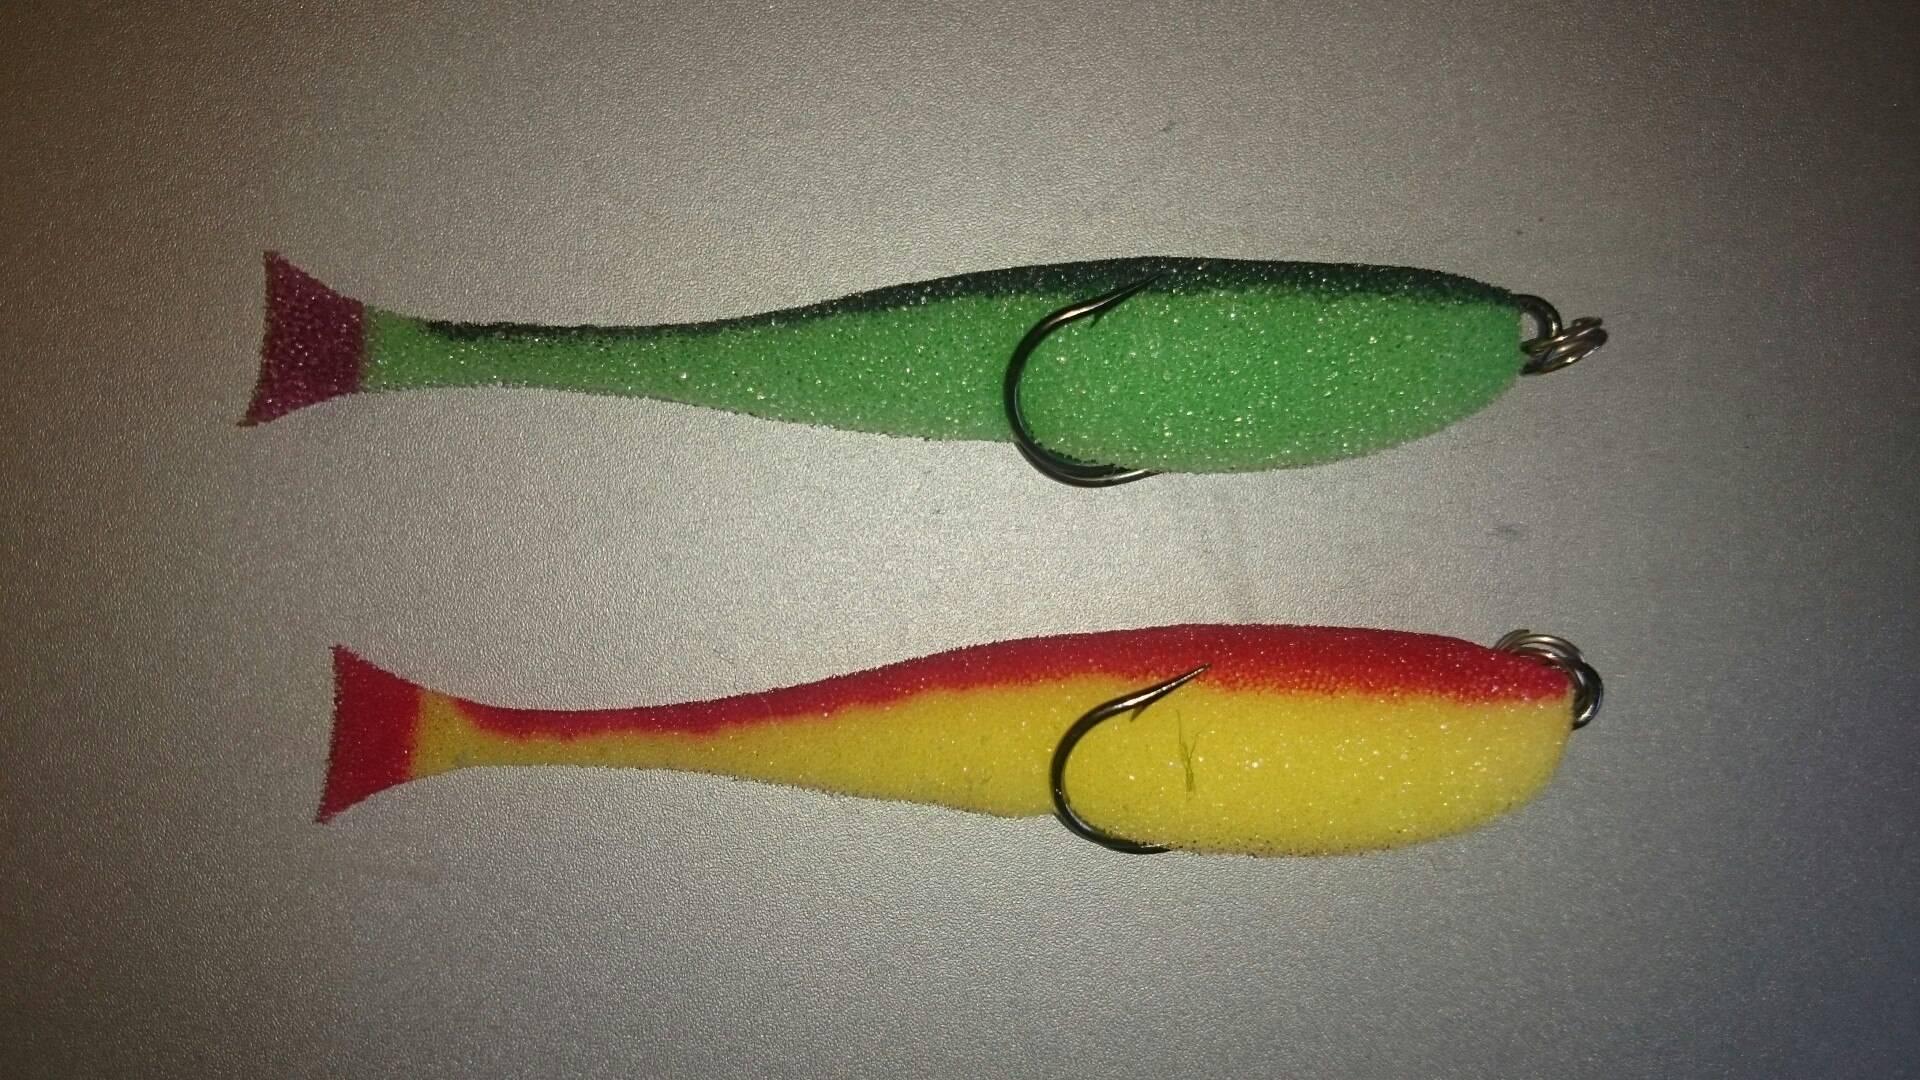 Поролоновая рыбка: как сделать поролонку своими руками